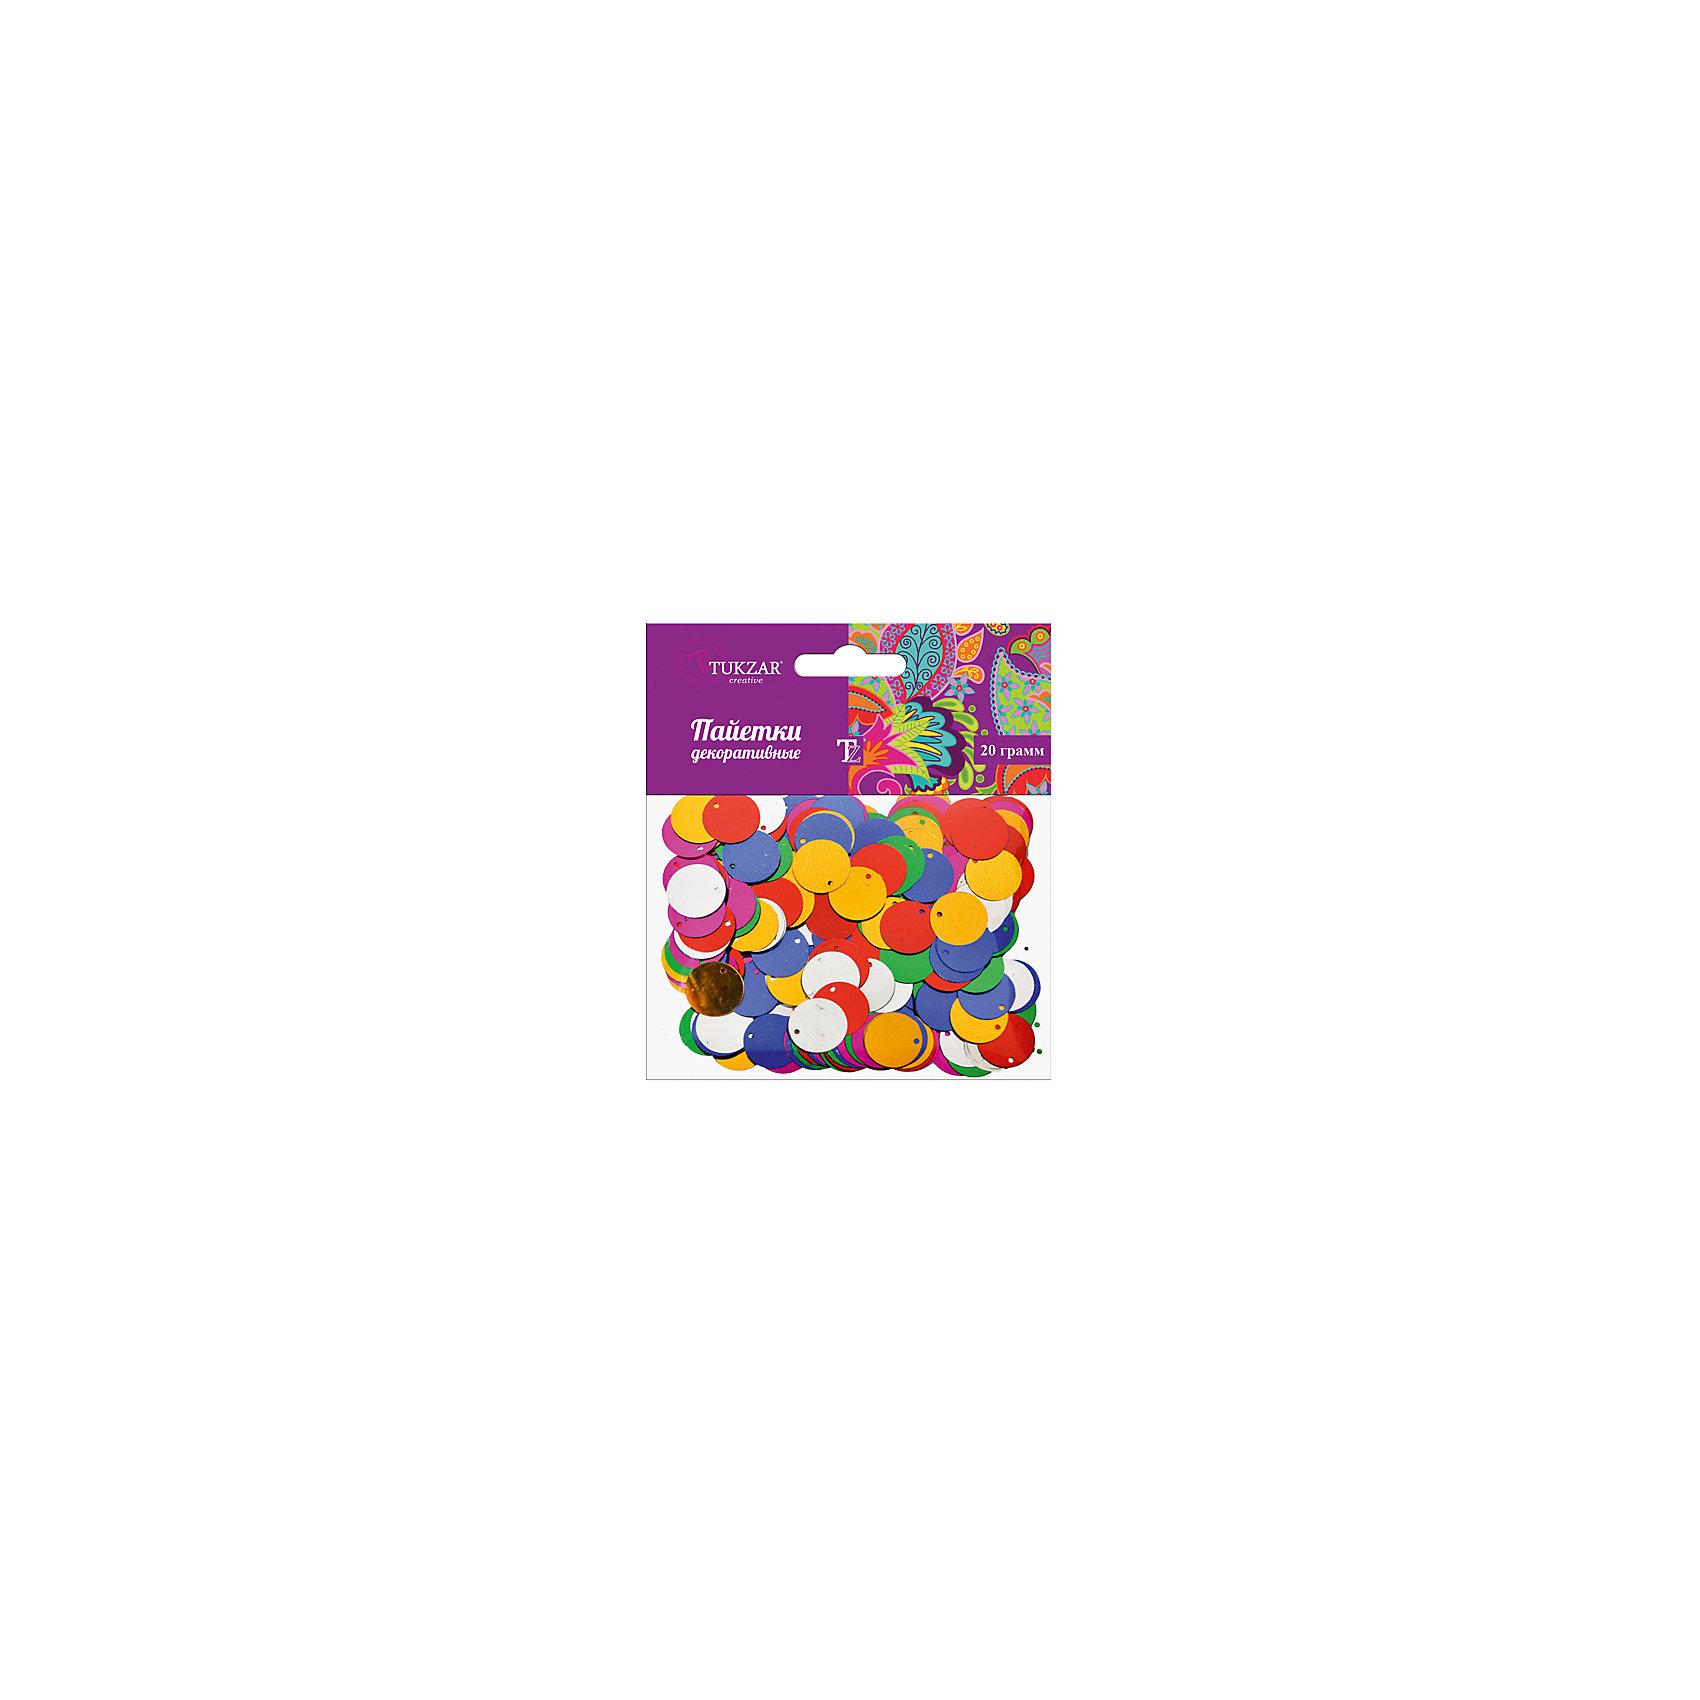 TUKZAR Круглые декоративные пайетки, 20 г фольксваген пассат спробегом купить в г ухта